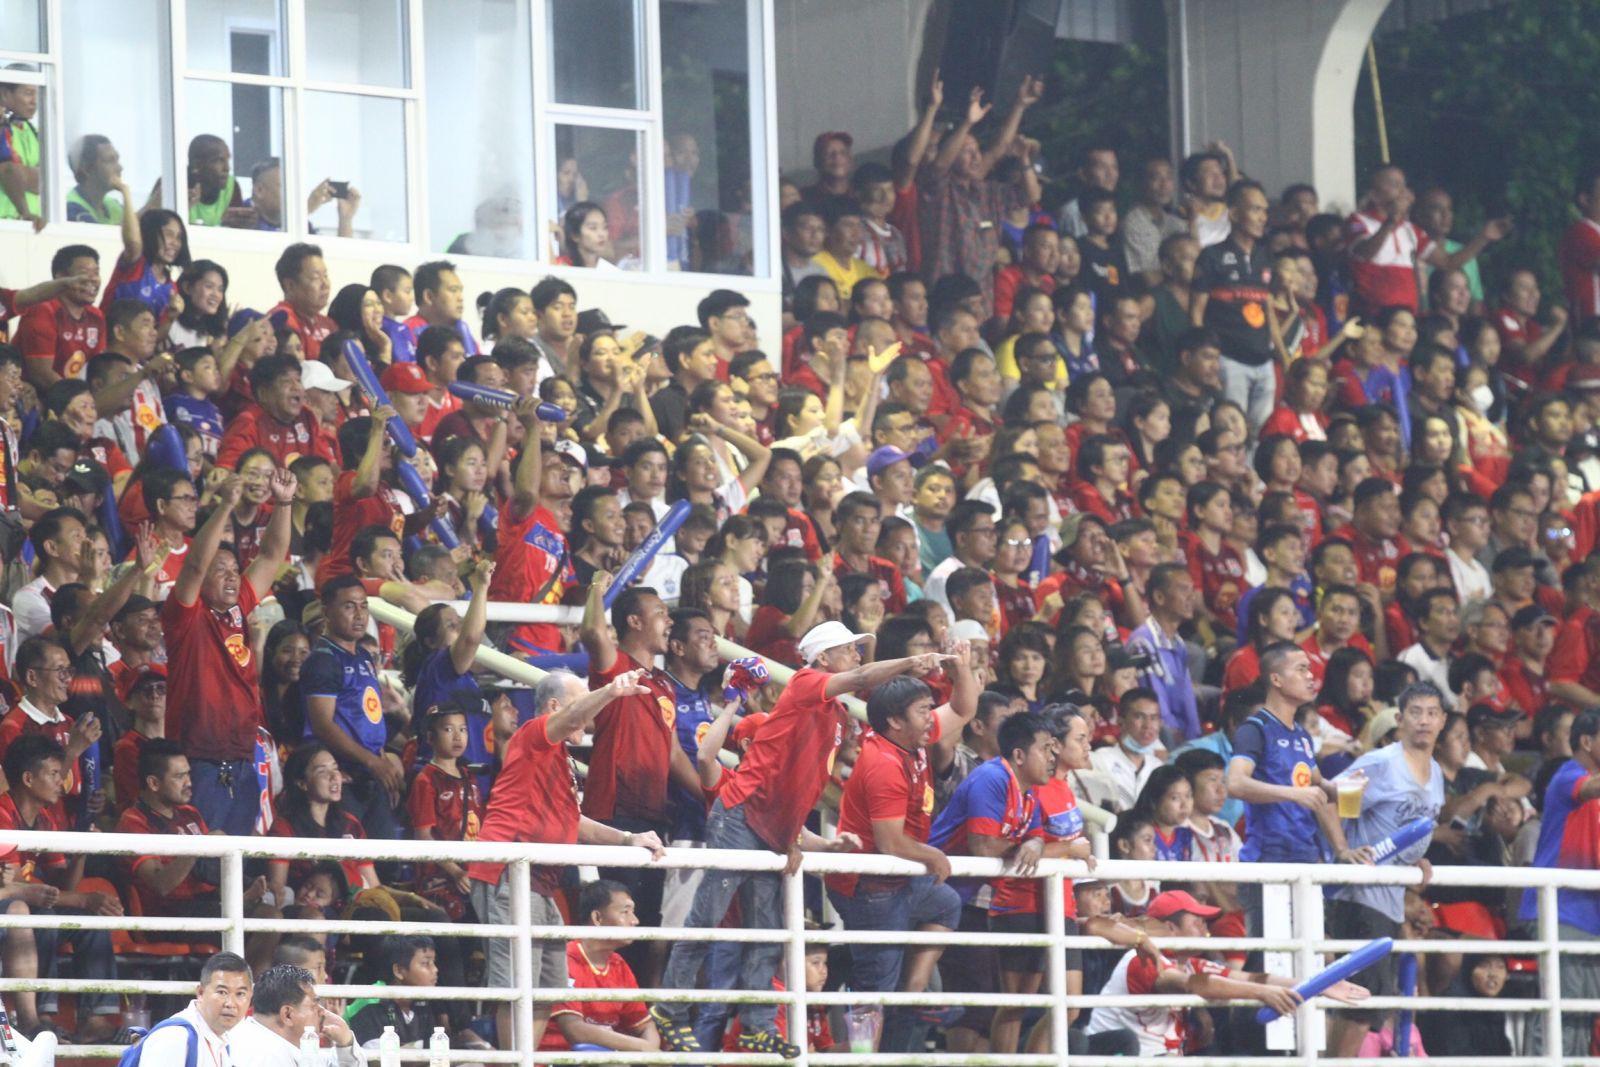 Bóng đá Thái Lan có biến lớn, xảy ra scandal từng là nỗi hổ thẹn của V.League - Ảnh 4.